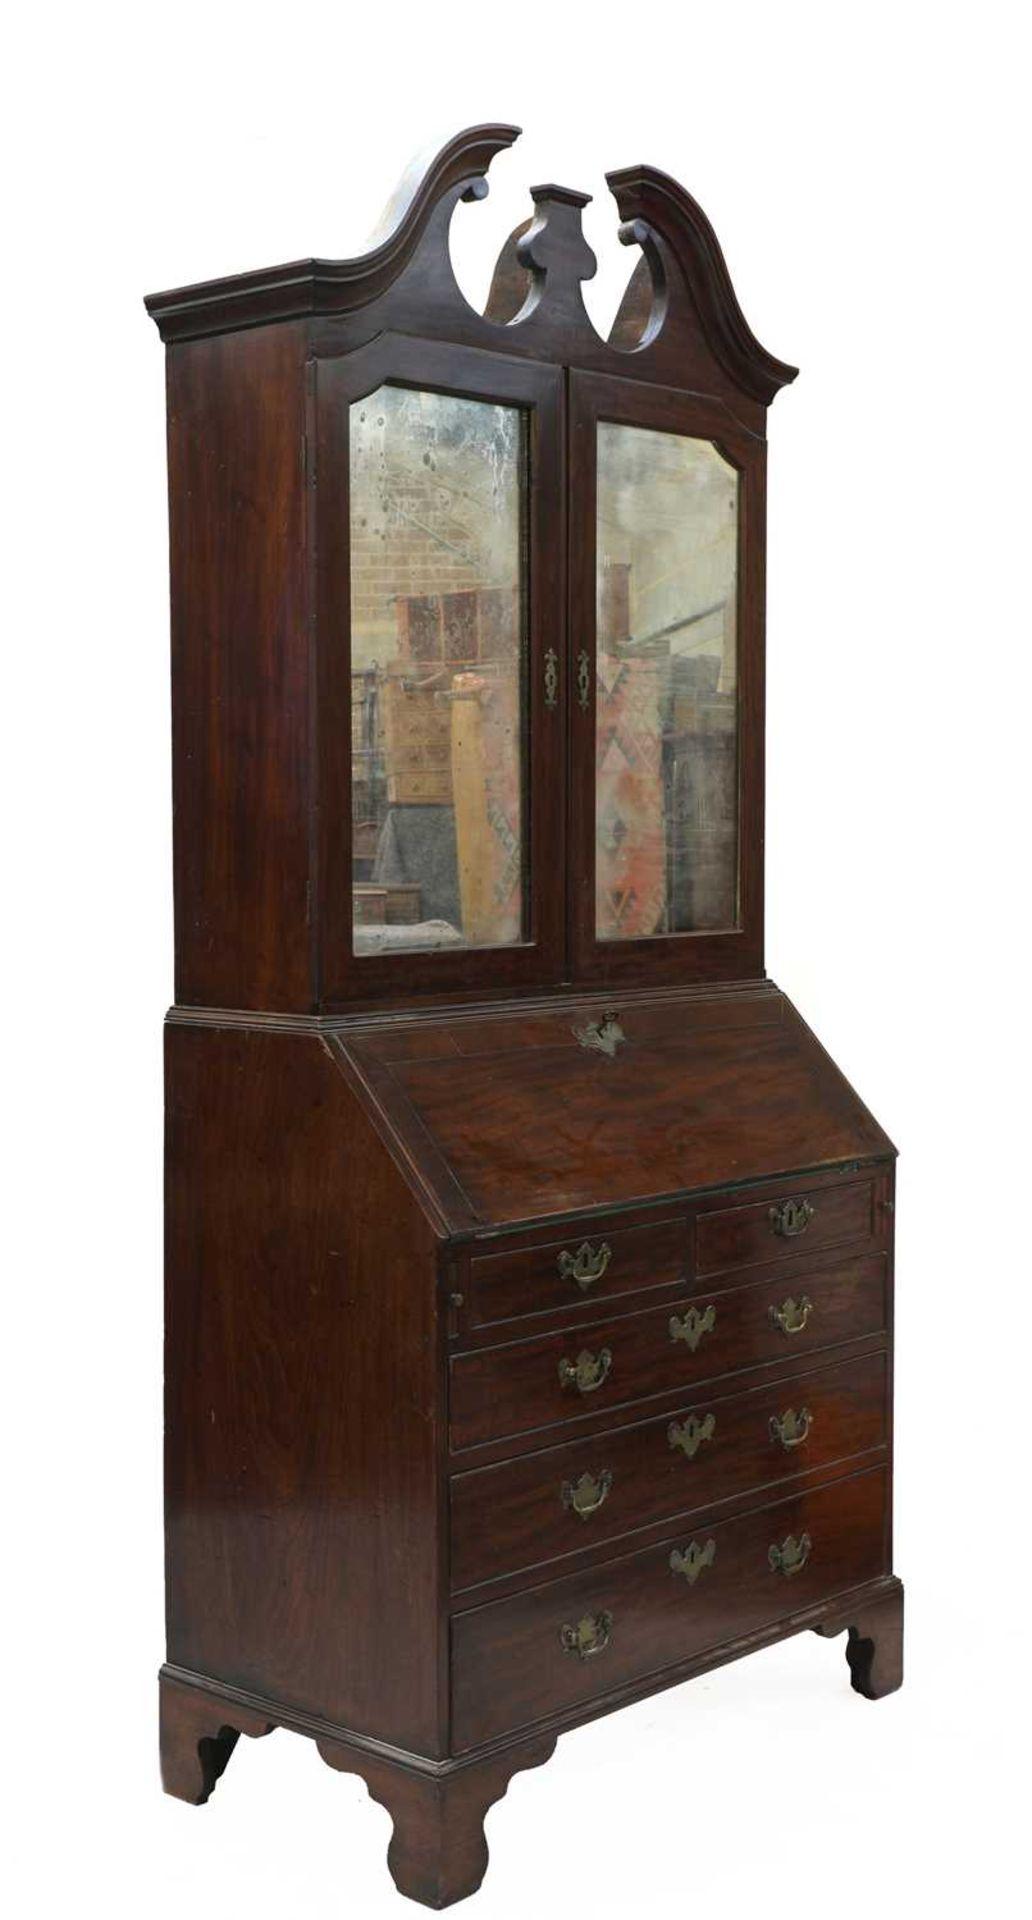 A George III mahogany bureau bookcase, - Image 2 of 6